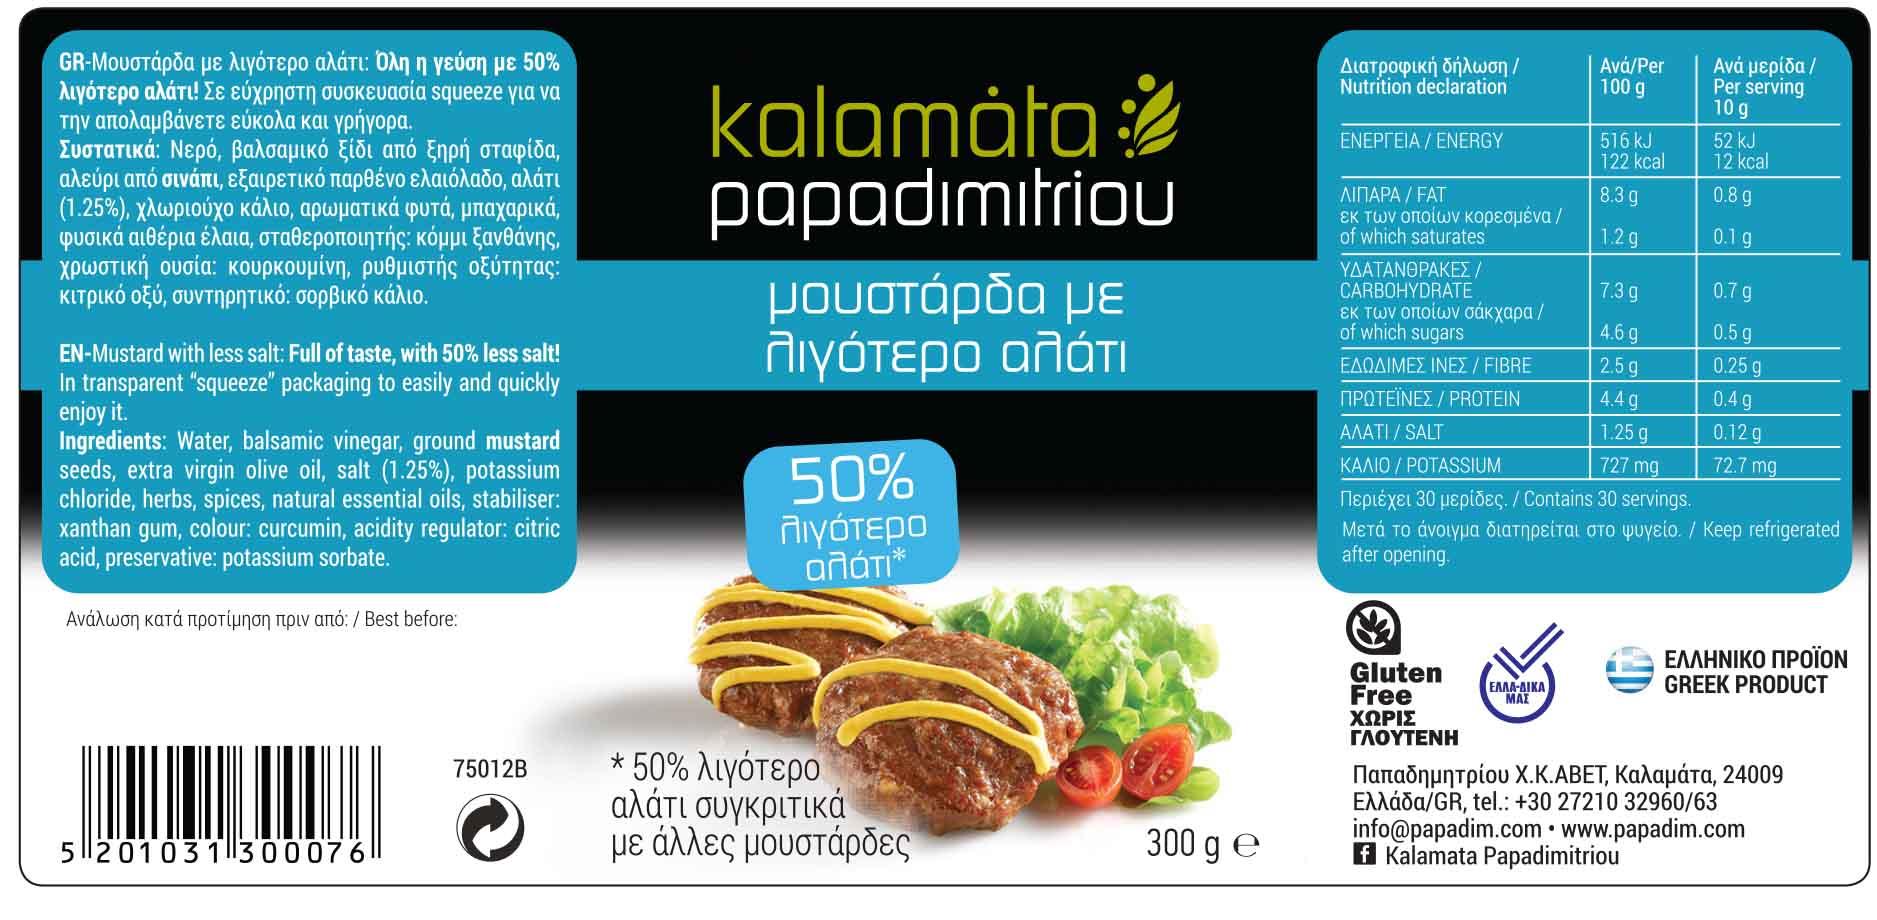 Μουστάρδα με 50% λιγότερο αλάτι 300gr - Ελληνικό Προϊόν